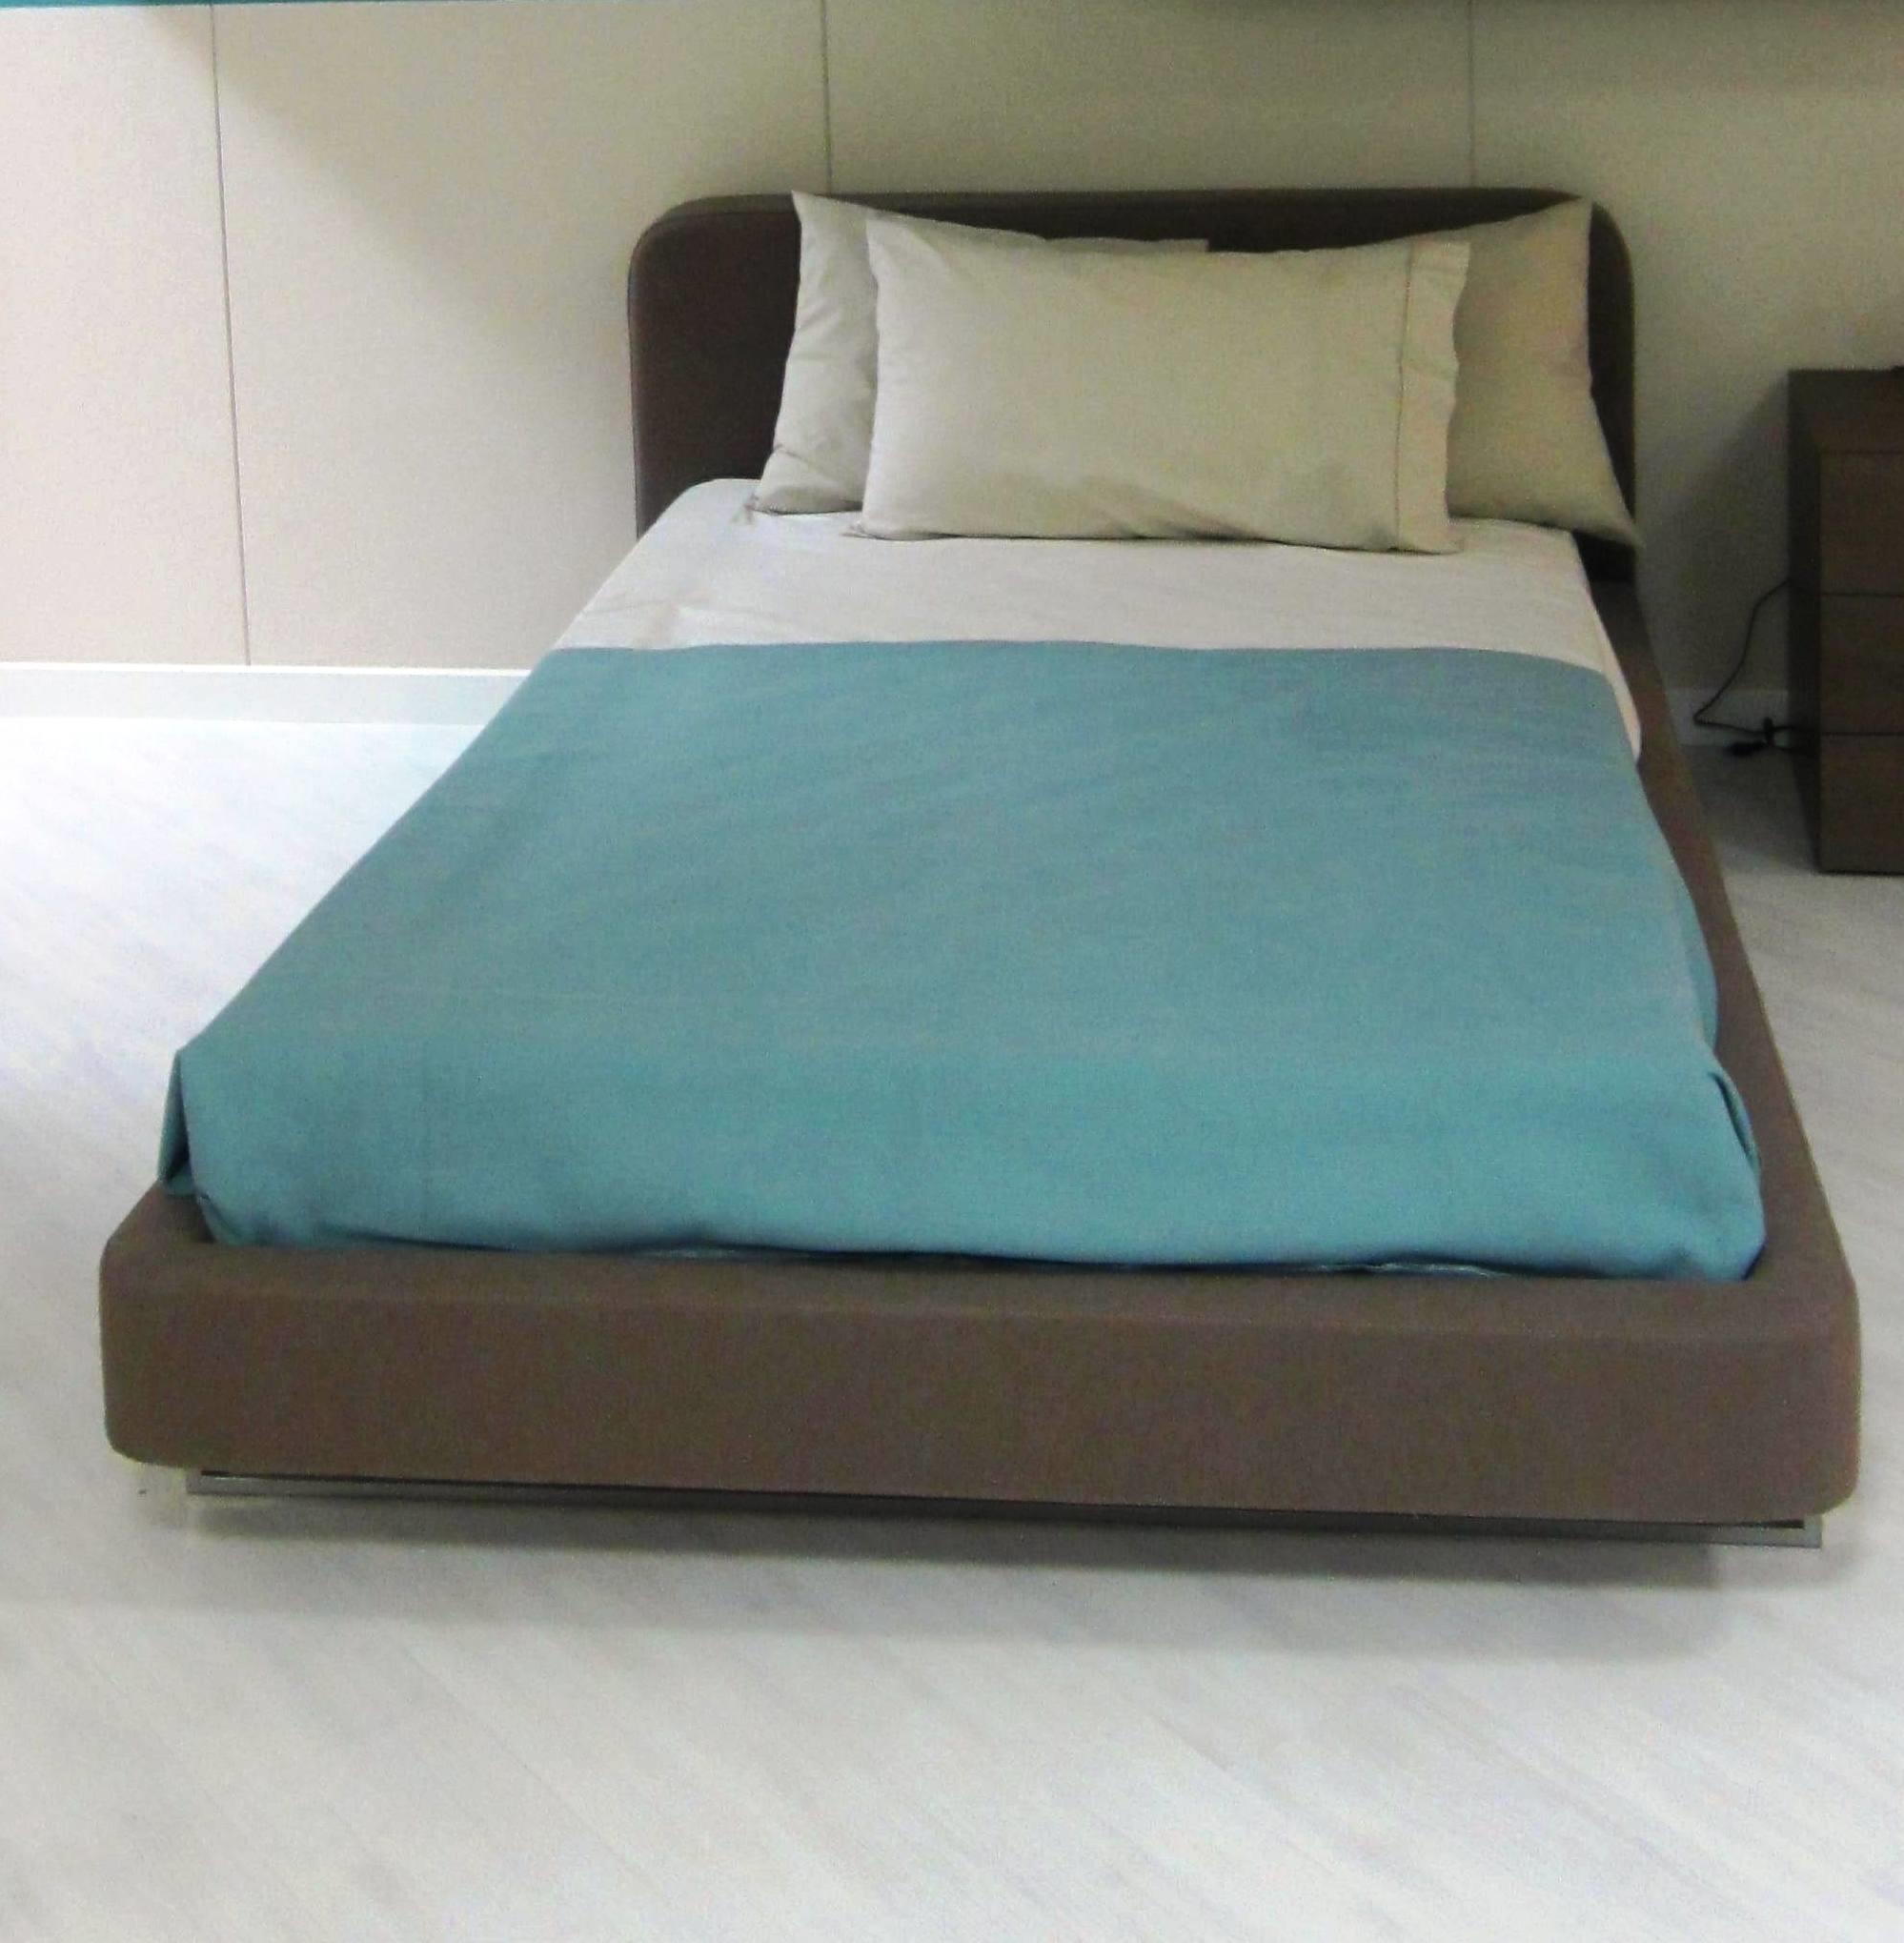 offerta letto 1 piazza e mezza - Letti a prezzi scontati